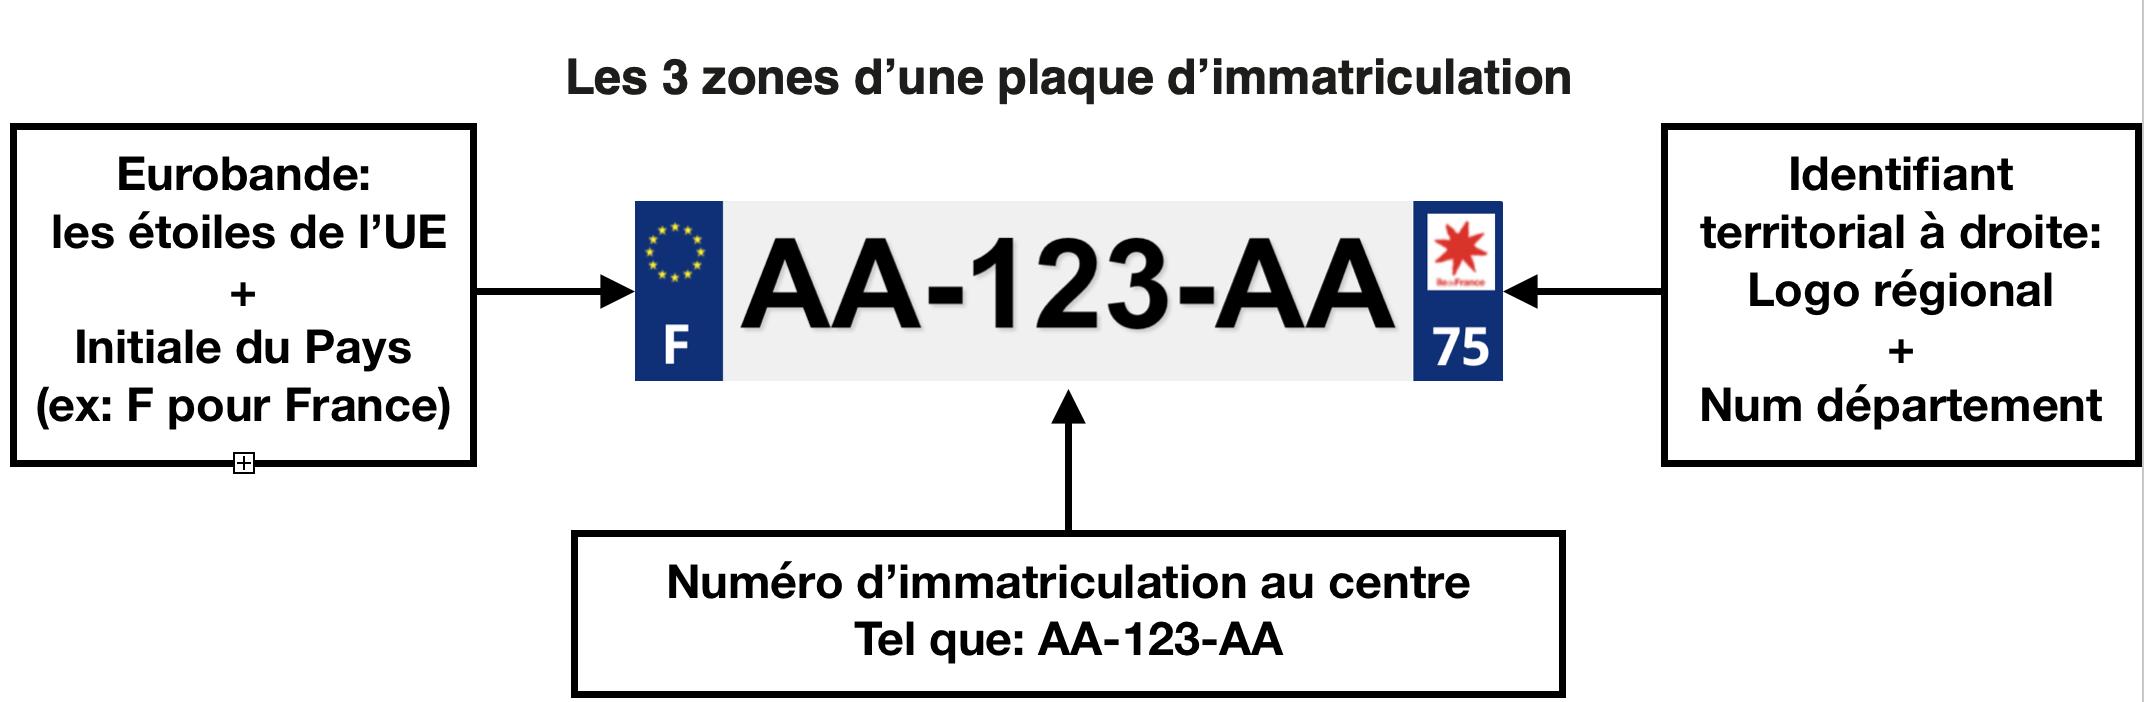 3 zones de la plaque immatriculation française